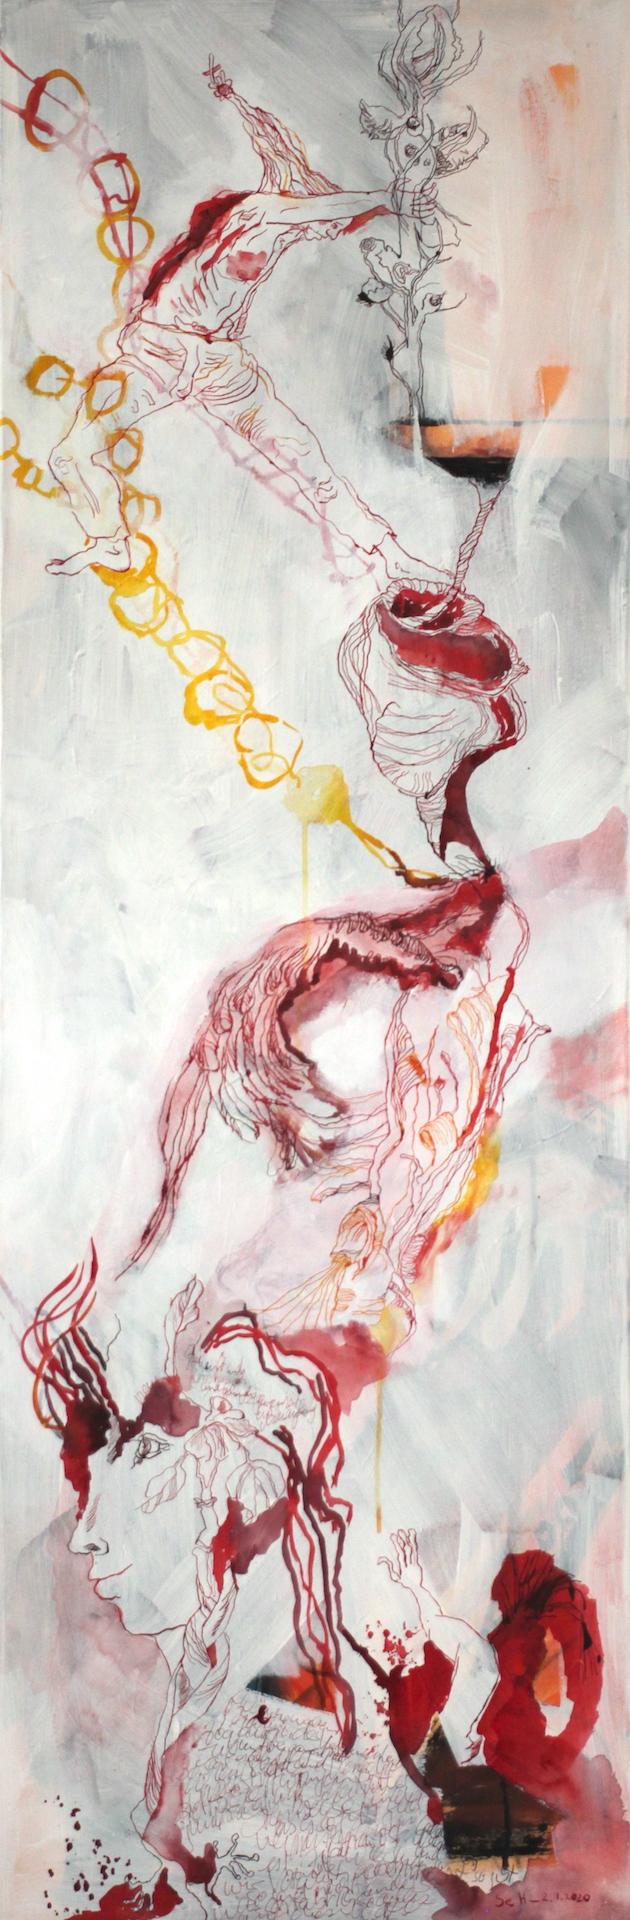 Maria und der Erbsenbaum, 148 x 50 cm, Acryl und Tusche auf Leinwand, Gemälde von Susanne Haun (c) VG Bild-Kunst, Bonn 2020